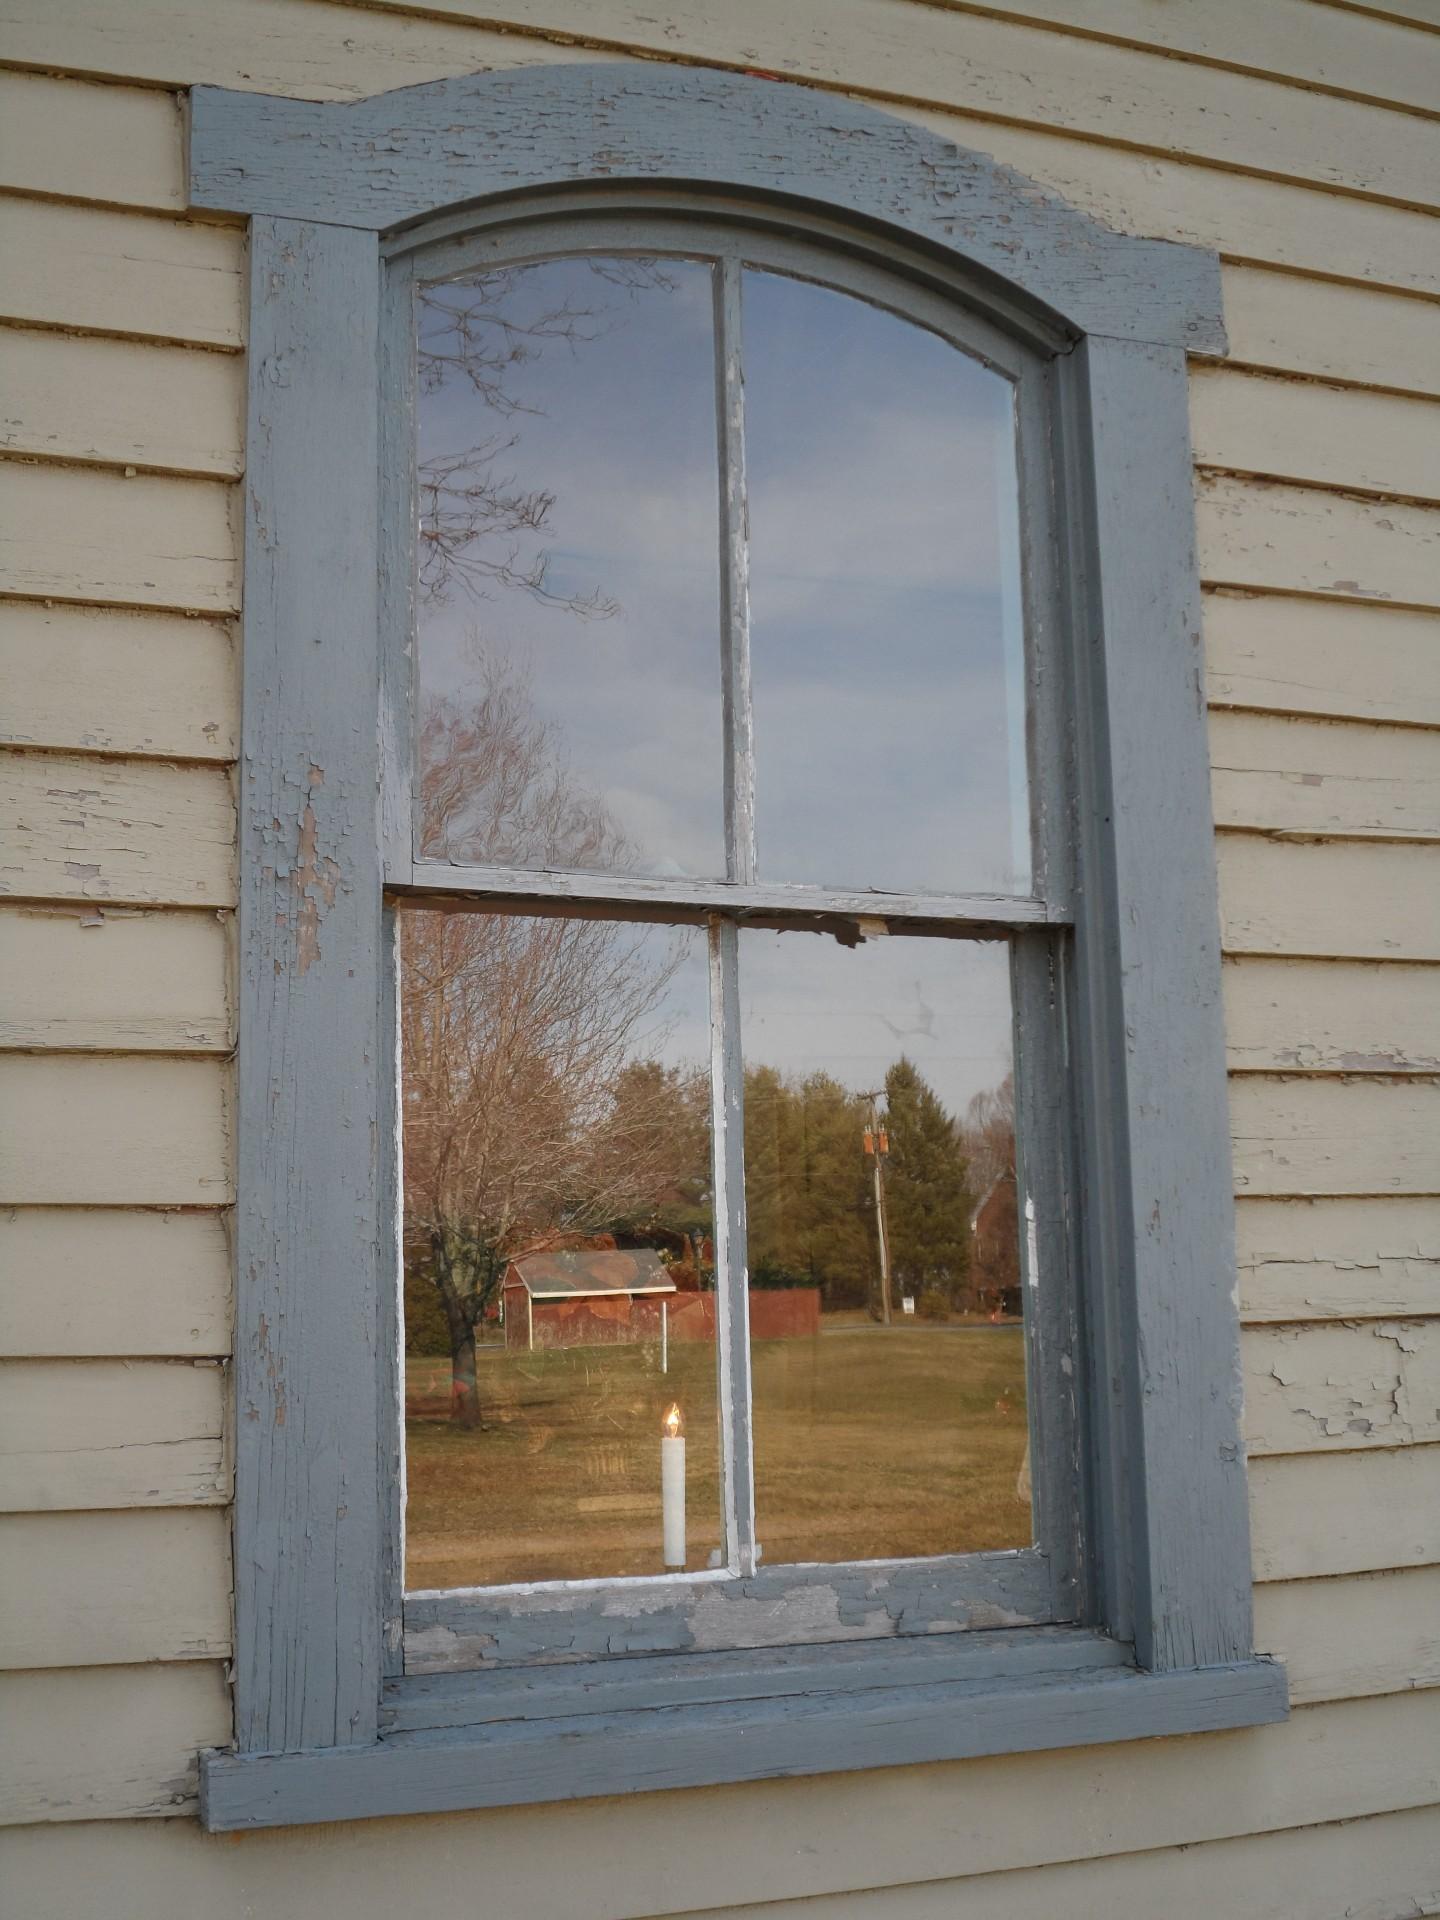 Fen tre maison reflet images gratuites et libres de droits - Fenetre teintee maison ...